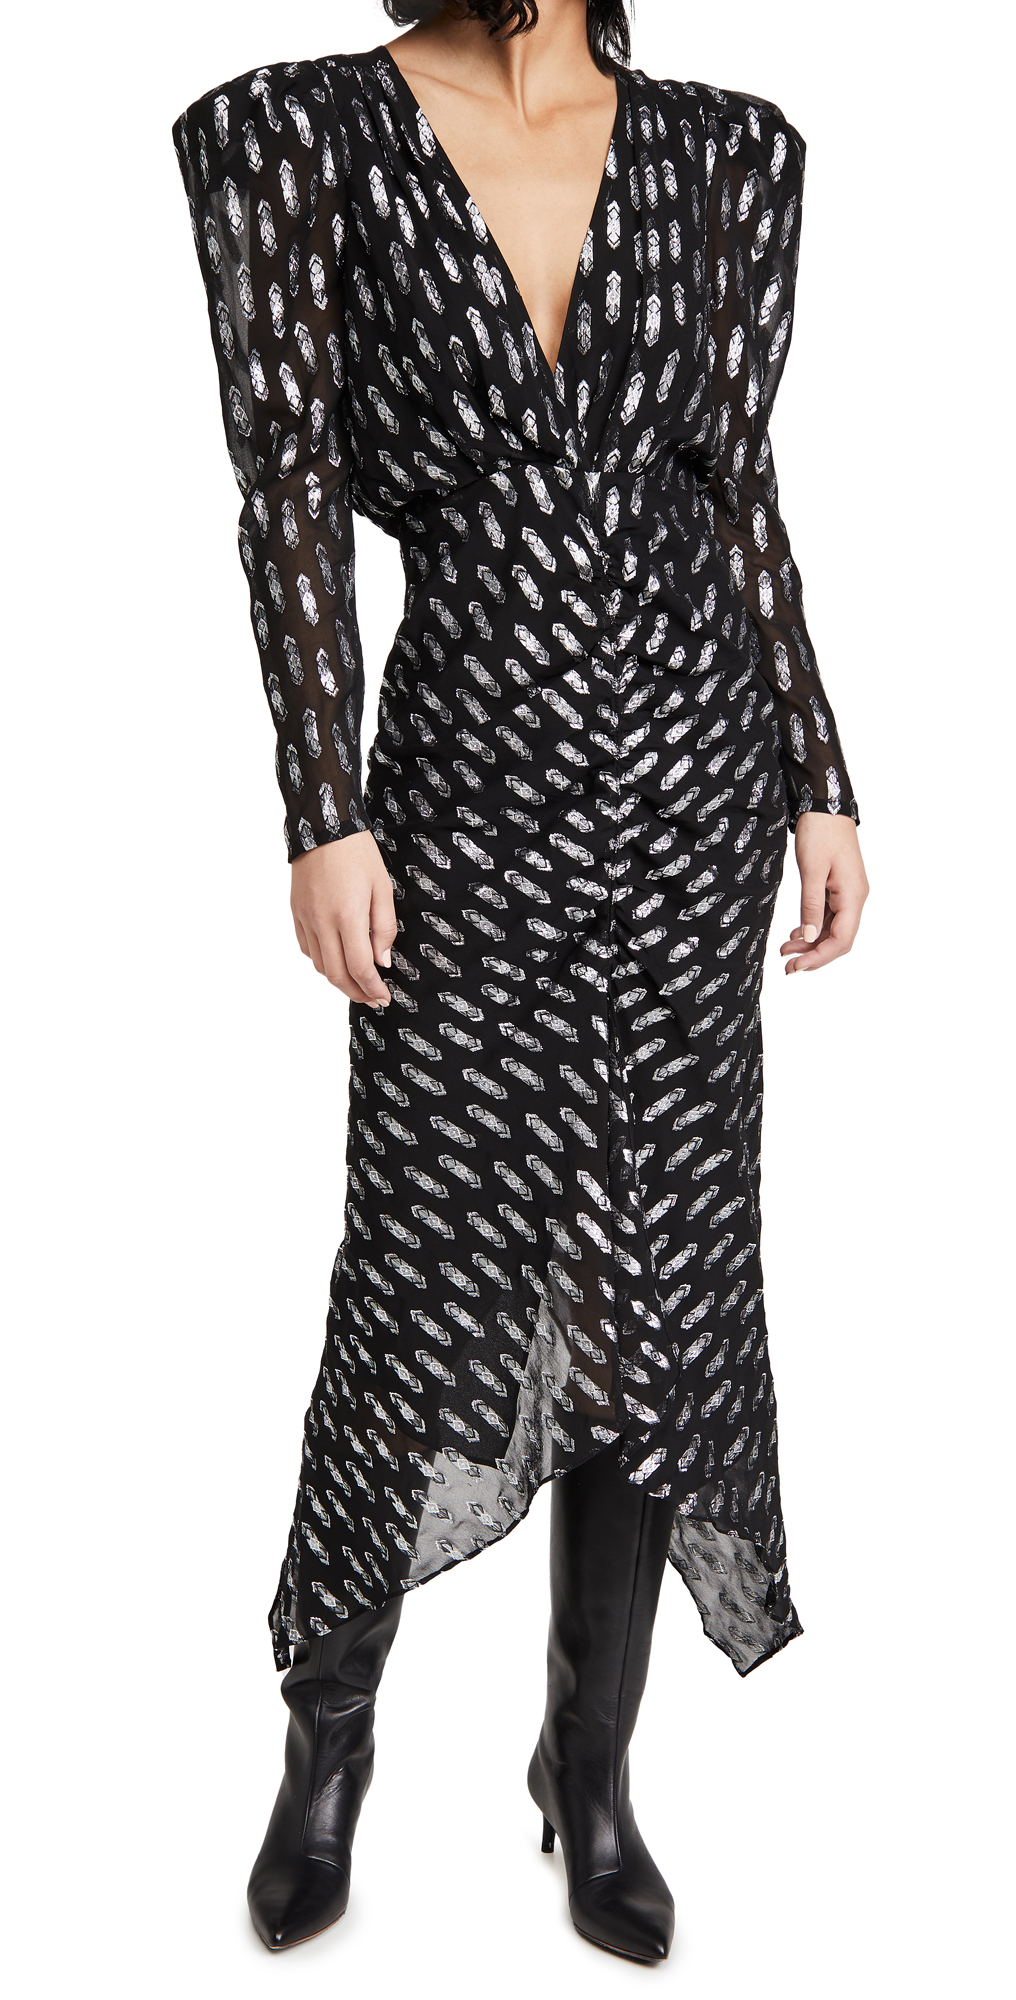 Ronny Kobo Astrid Dress